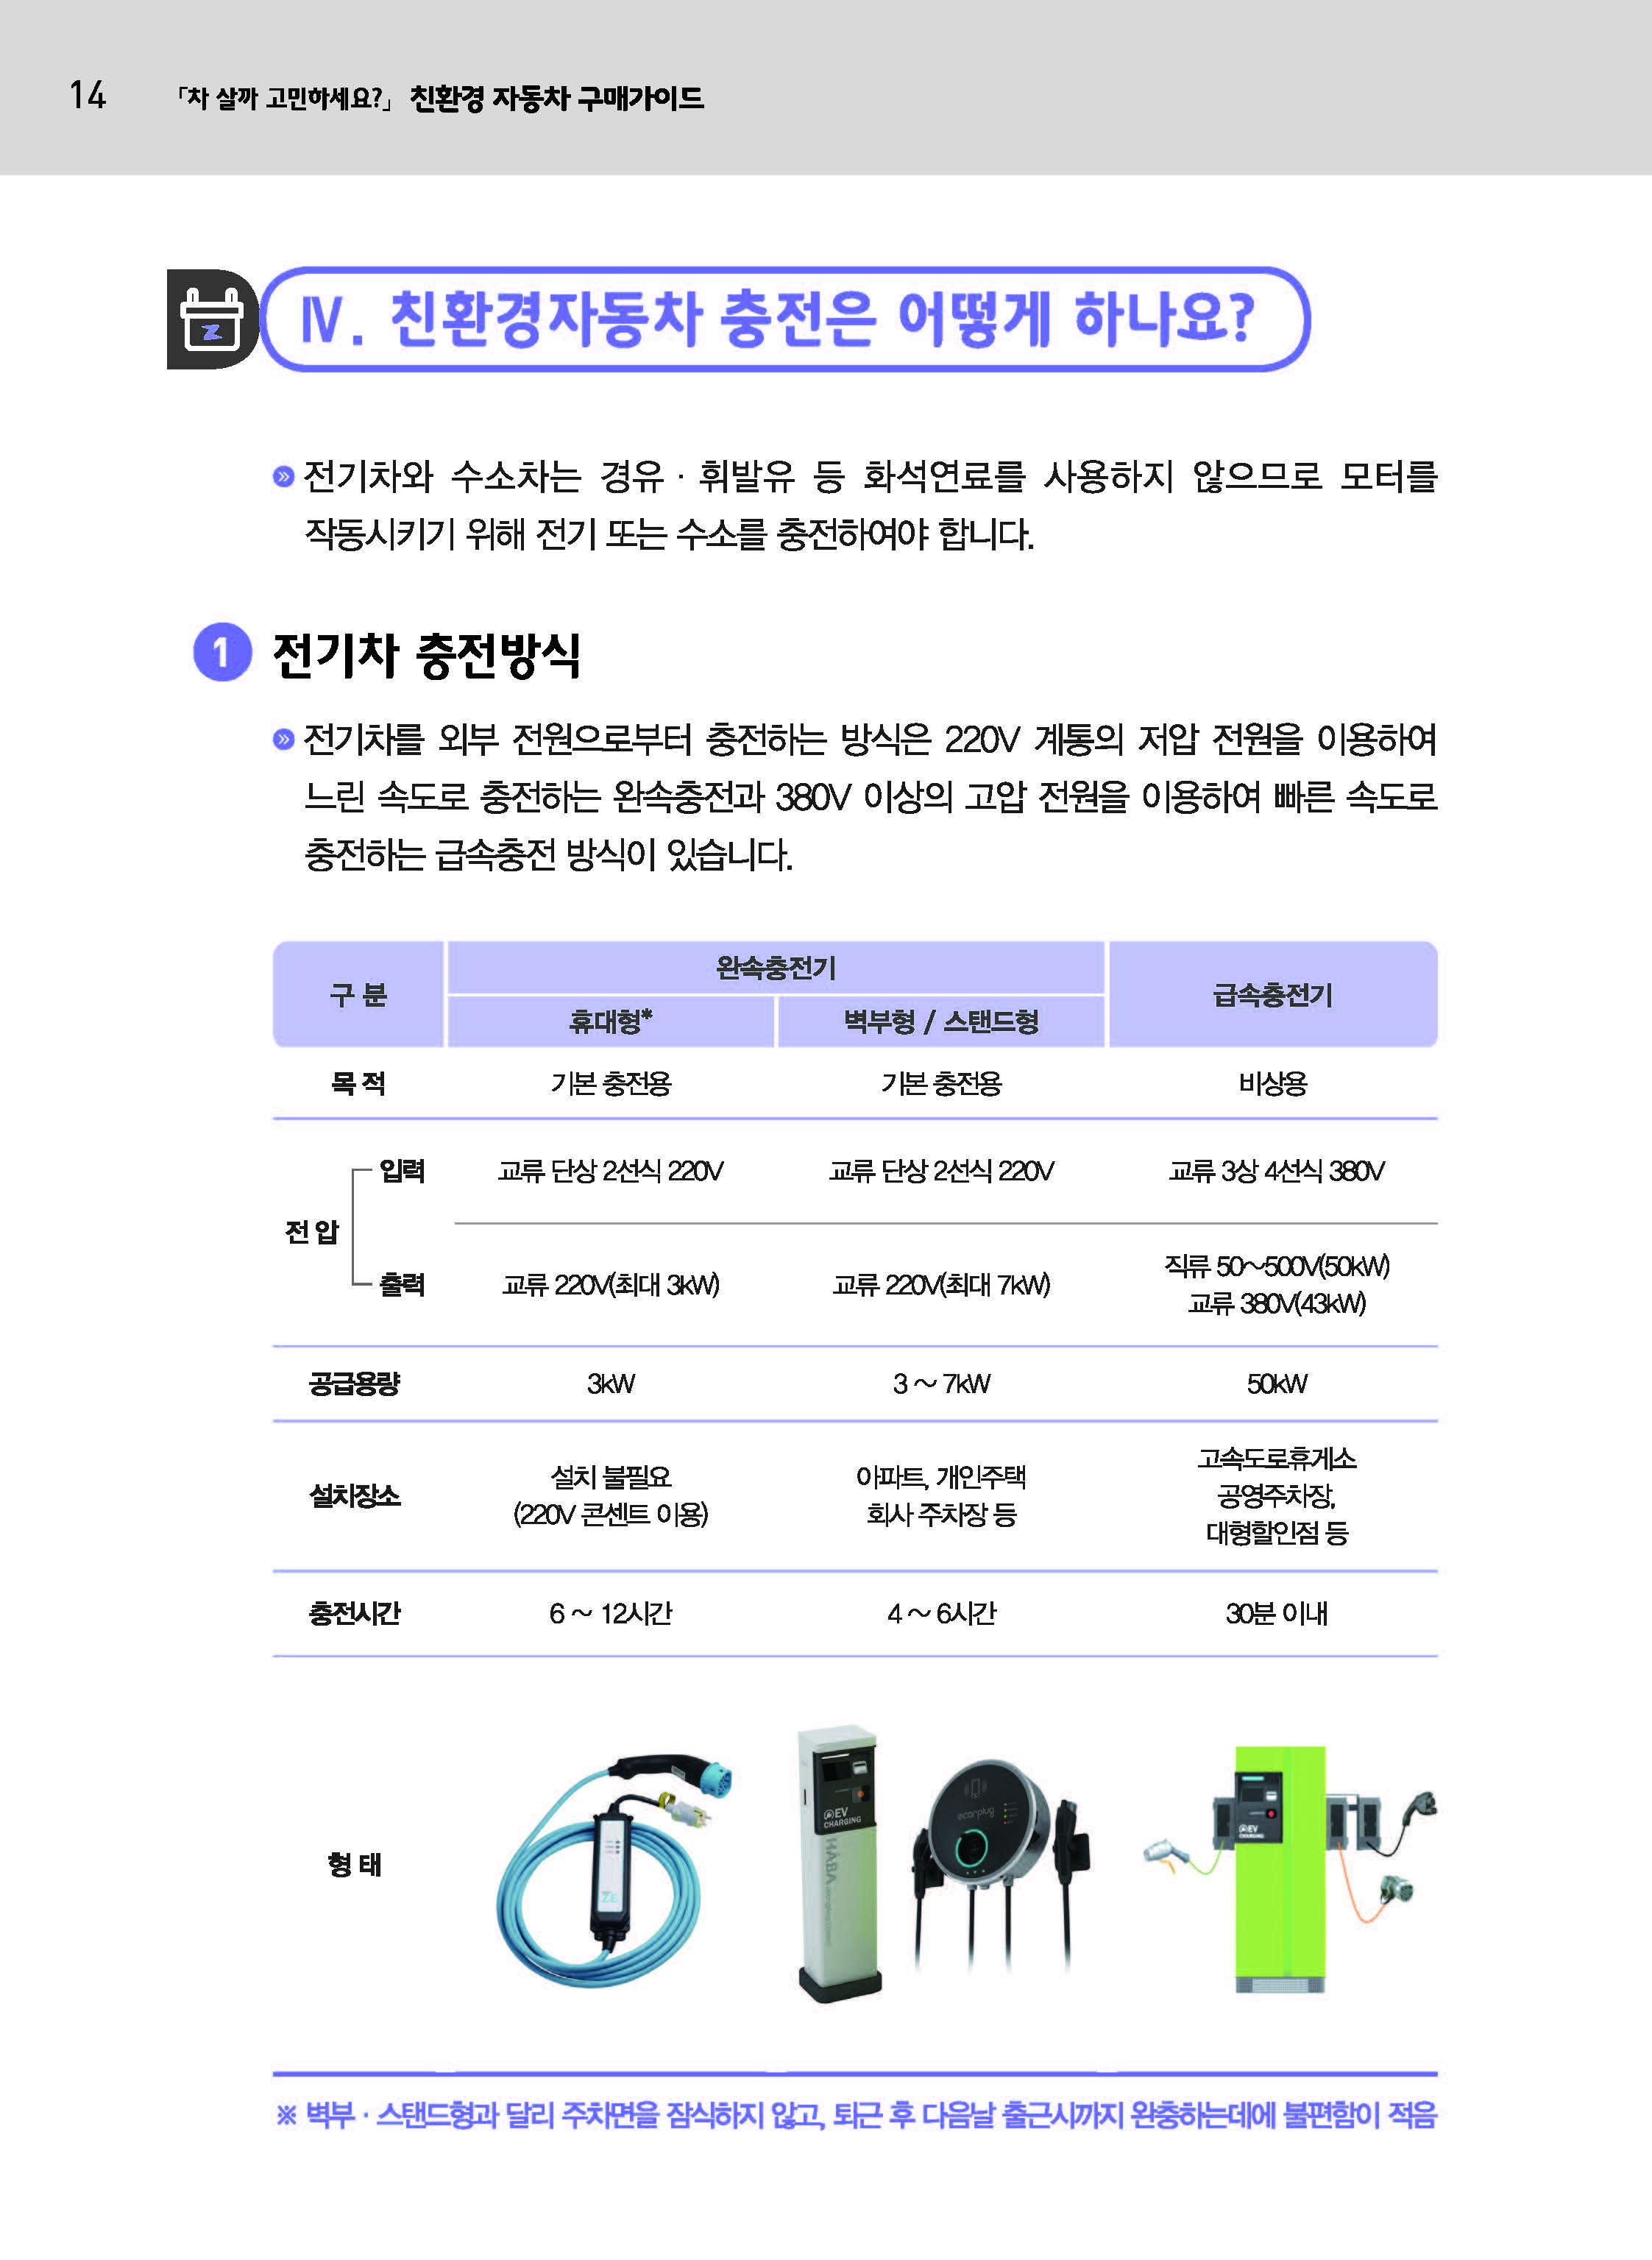 친환경자동차 구매가이드(Ver20170821)_페이지_14.jpg